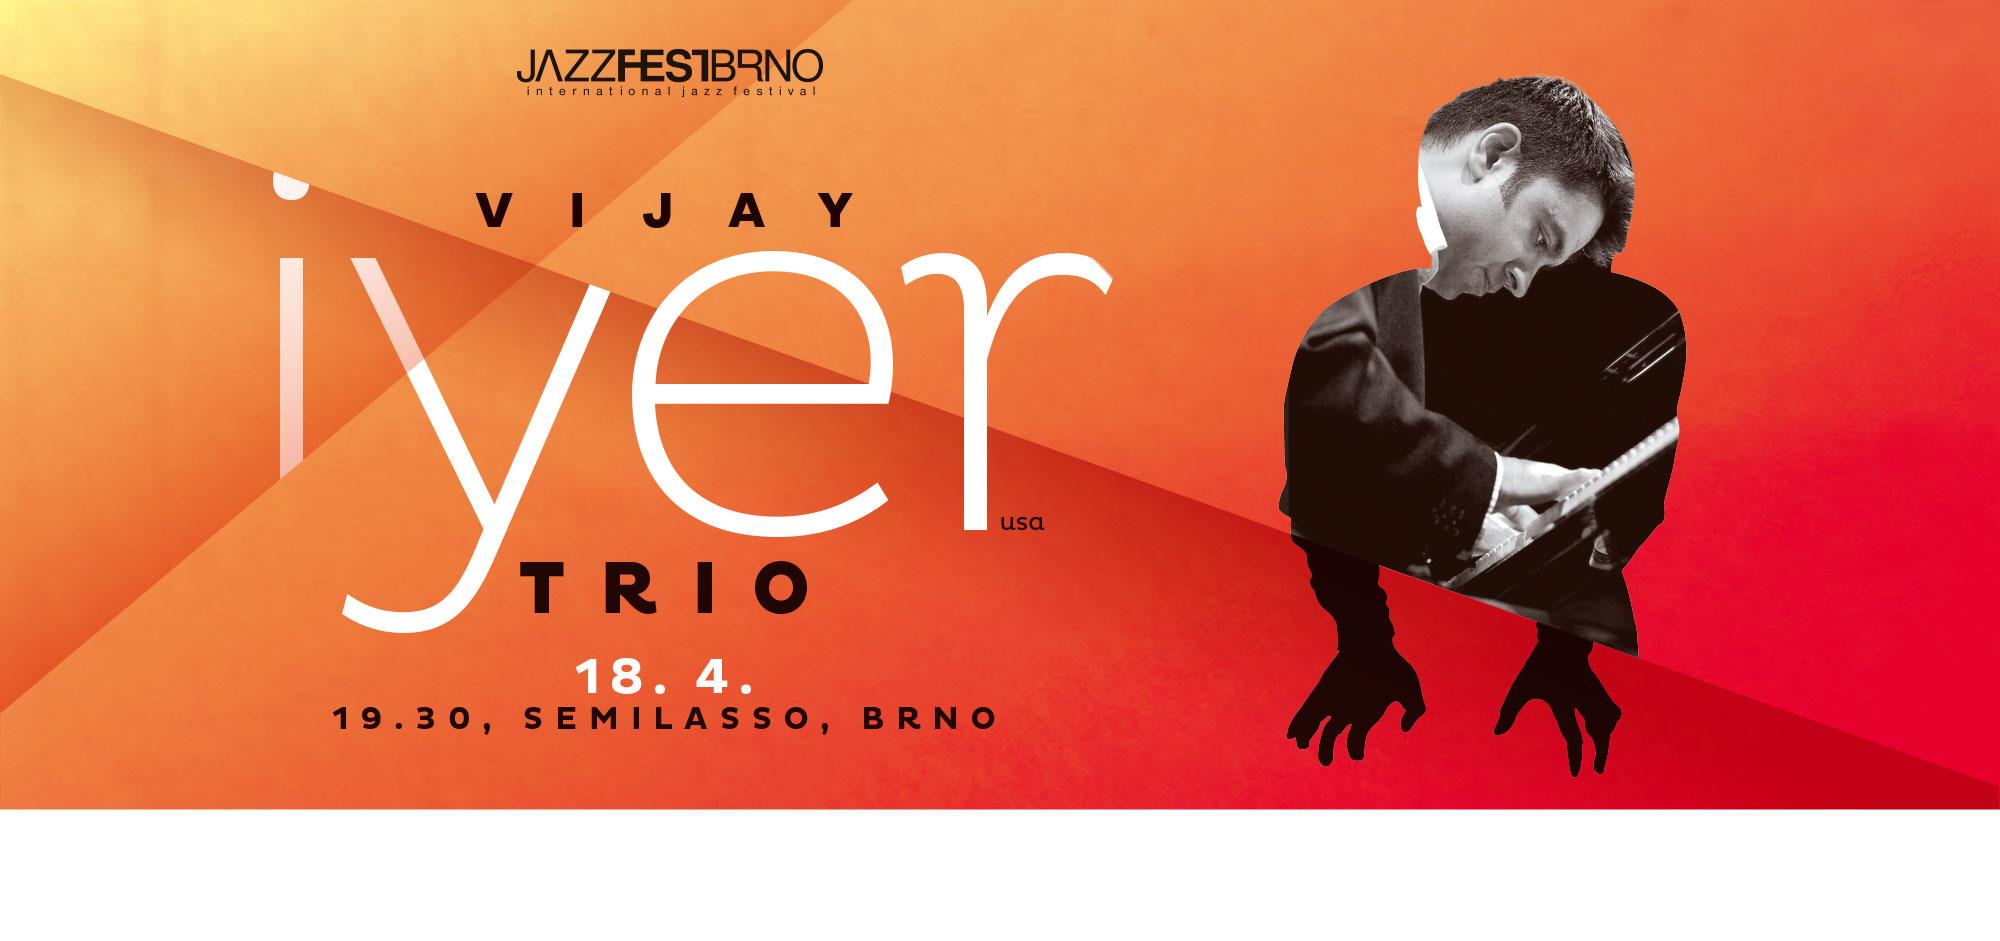 JazzFestBrno 2012 – Vijay Iyer